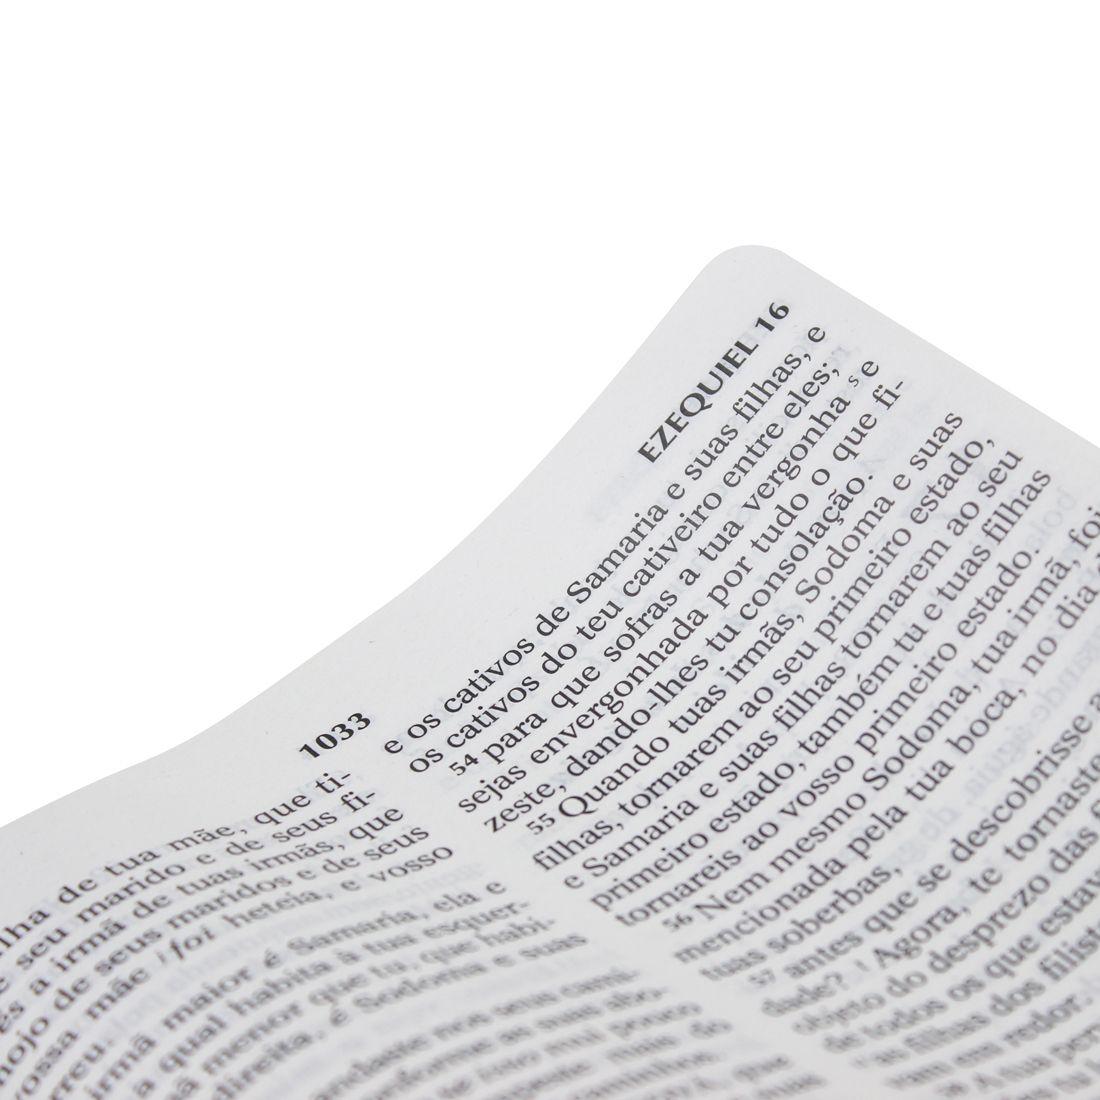 Bíblia Sagrada com Harpa Cristã e capa semiflexiveis.  - Universo Bíblico Rs